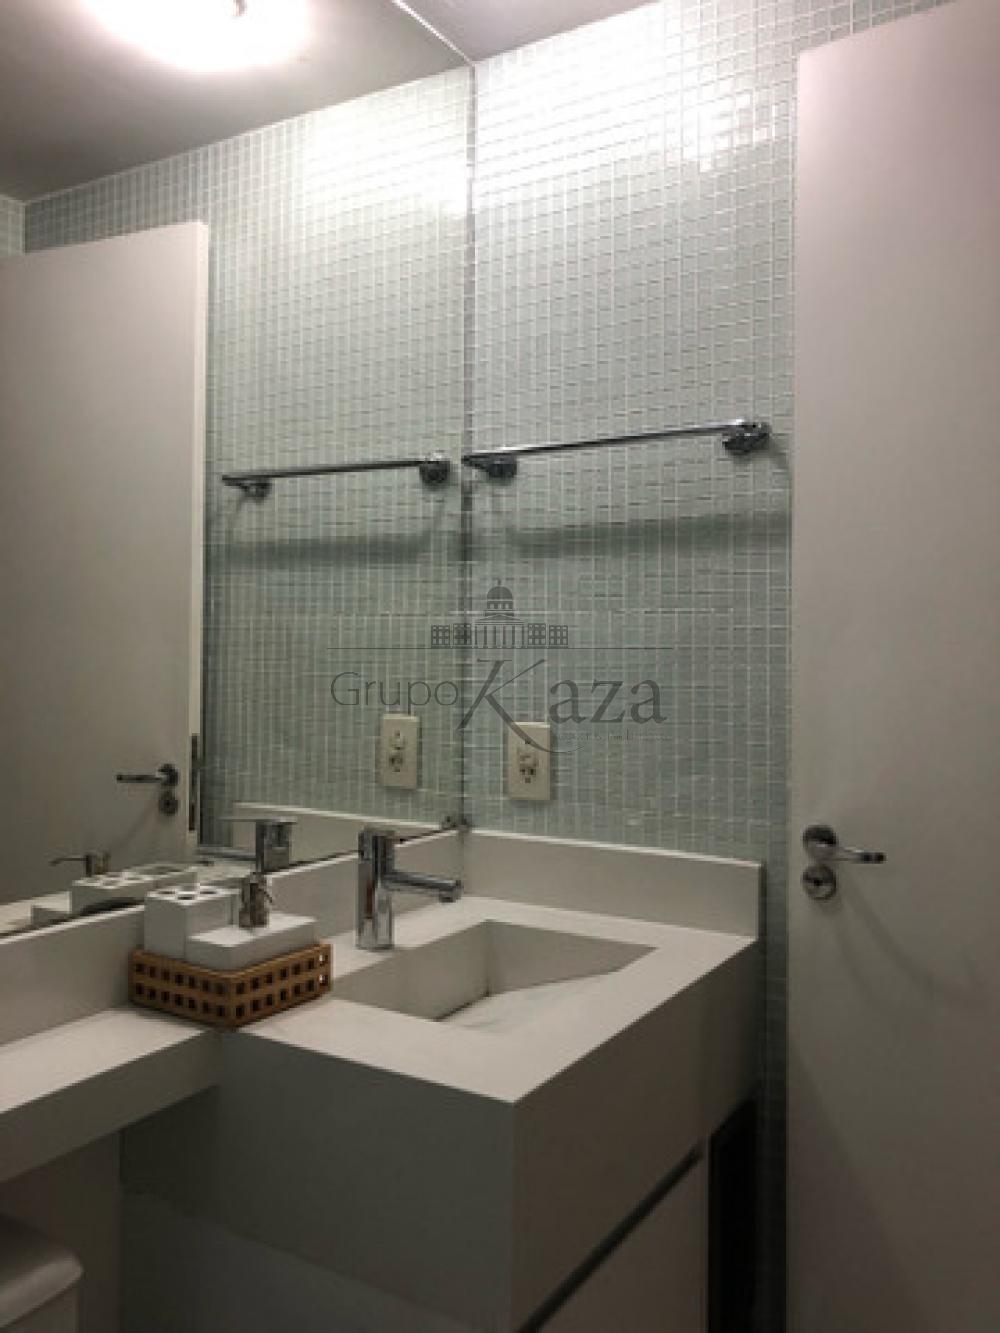 Comprar Apartamento / Padrão em São José dos Campos apenas R$ 375.000,00 - Foto 5